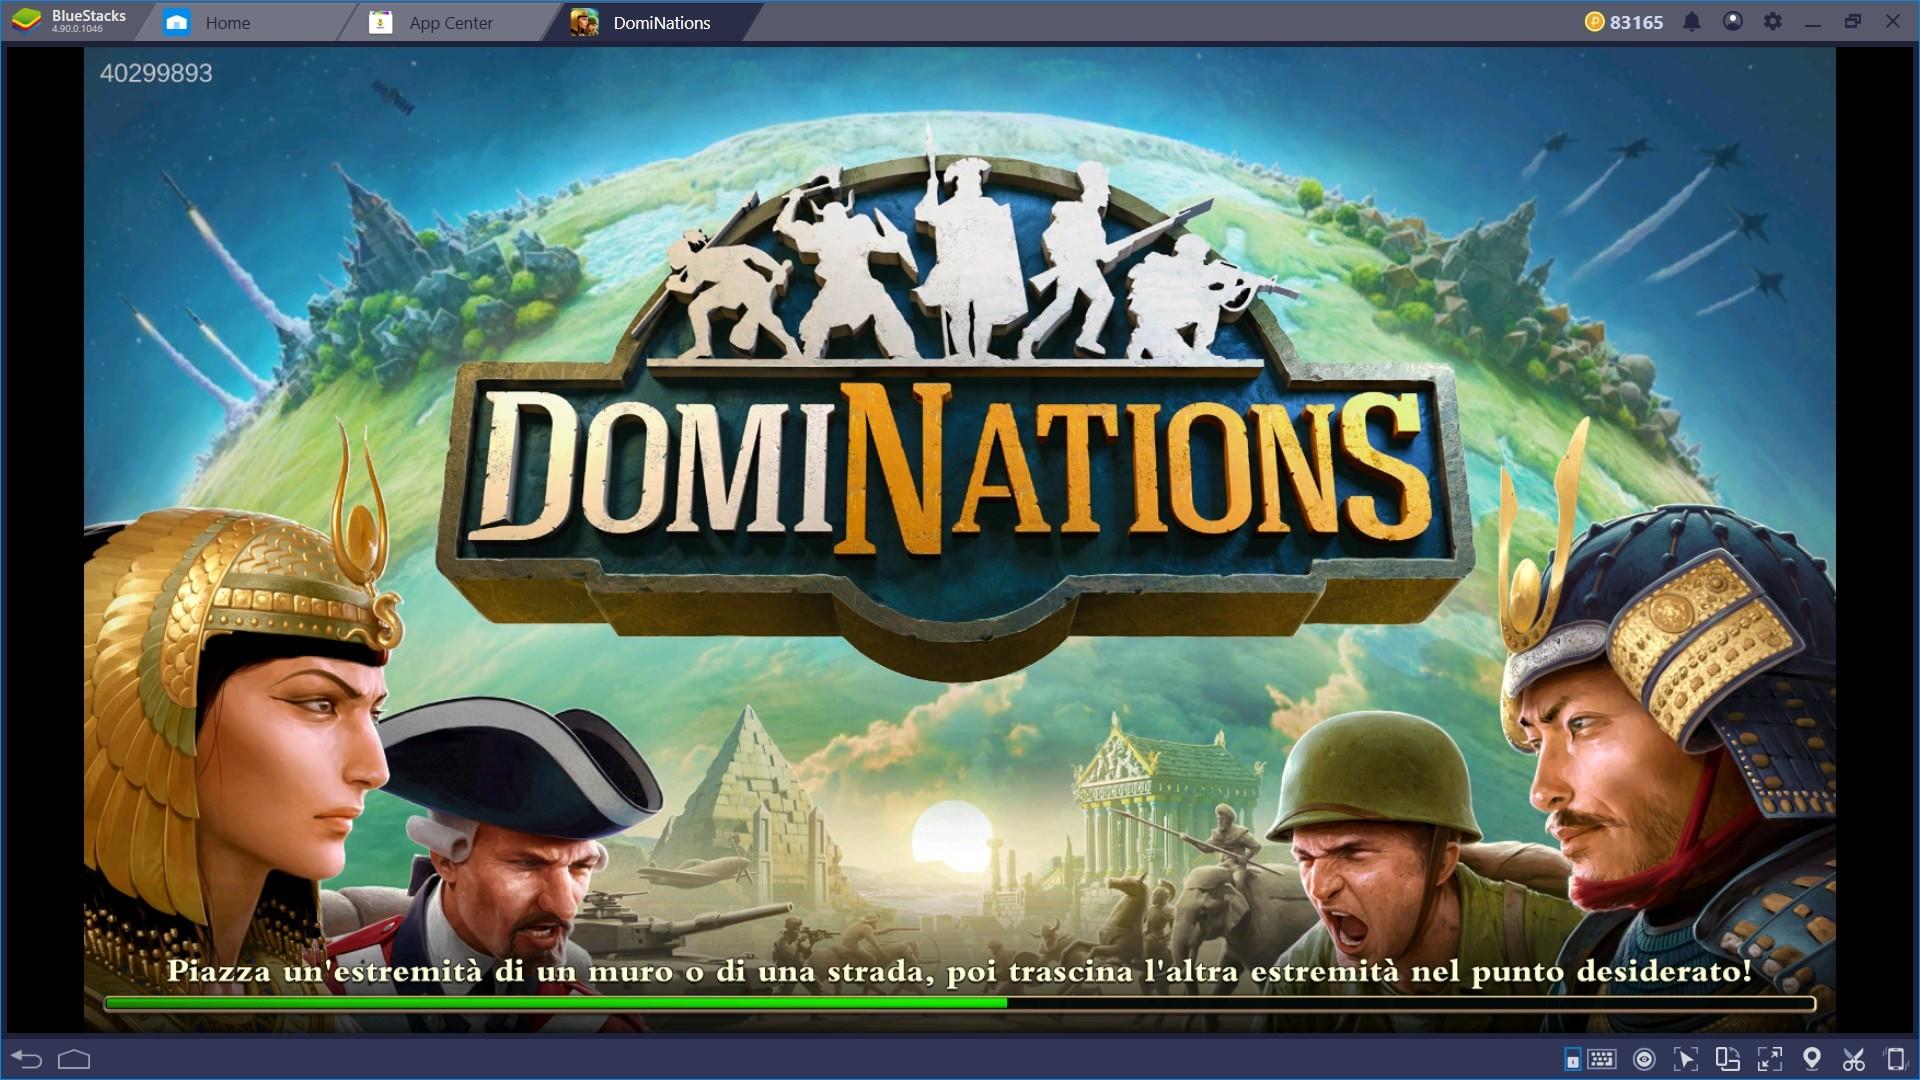 Gioca a DomiNations e conquista il mondo con Bluestacks!